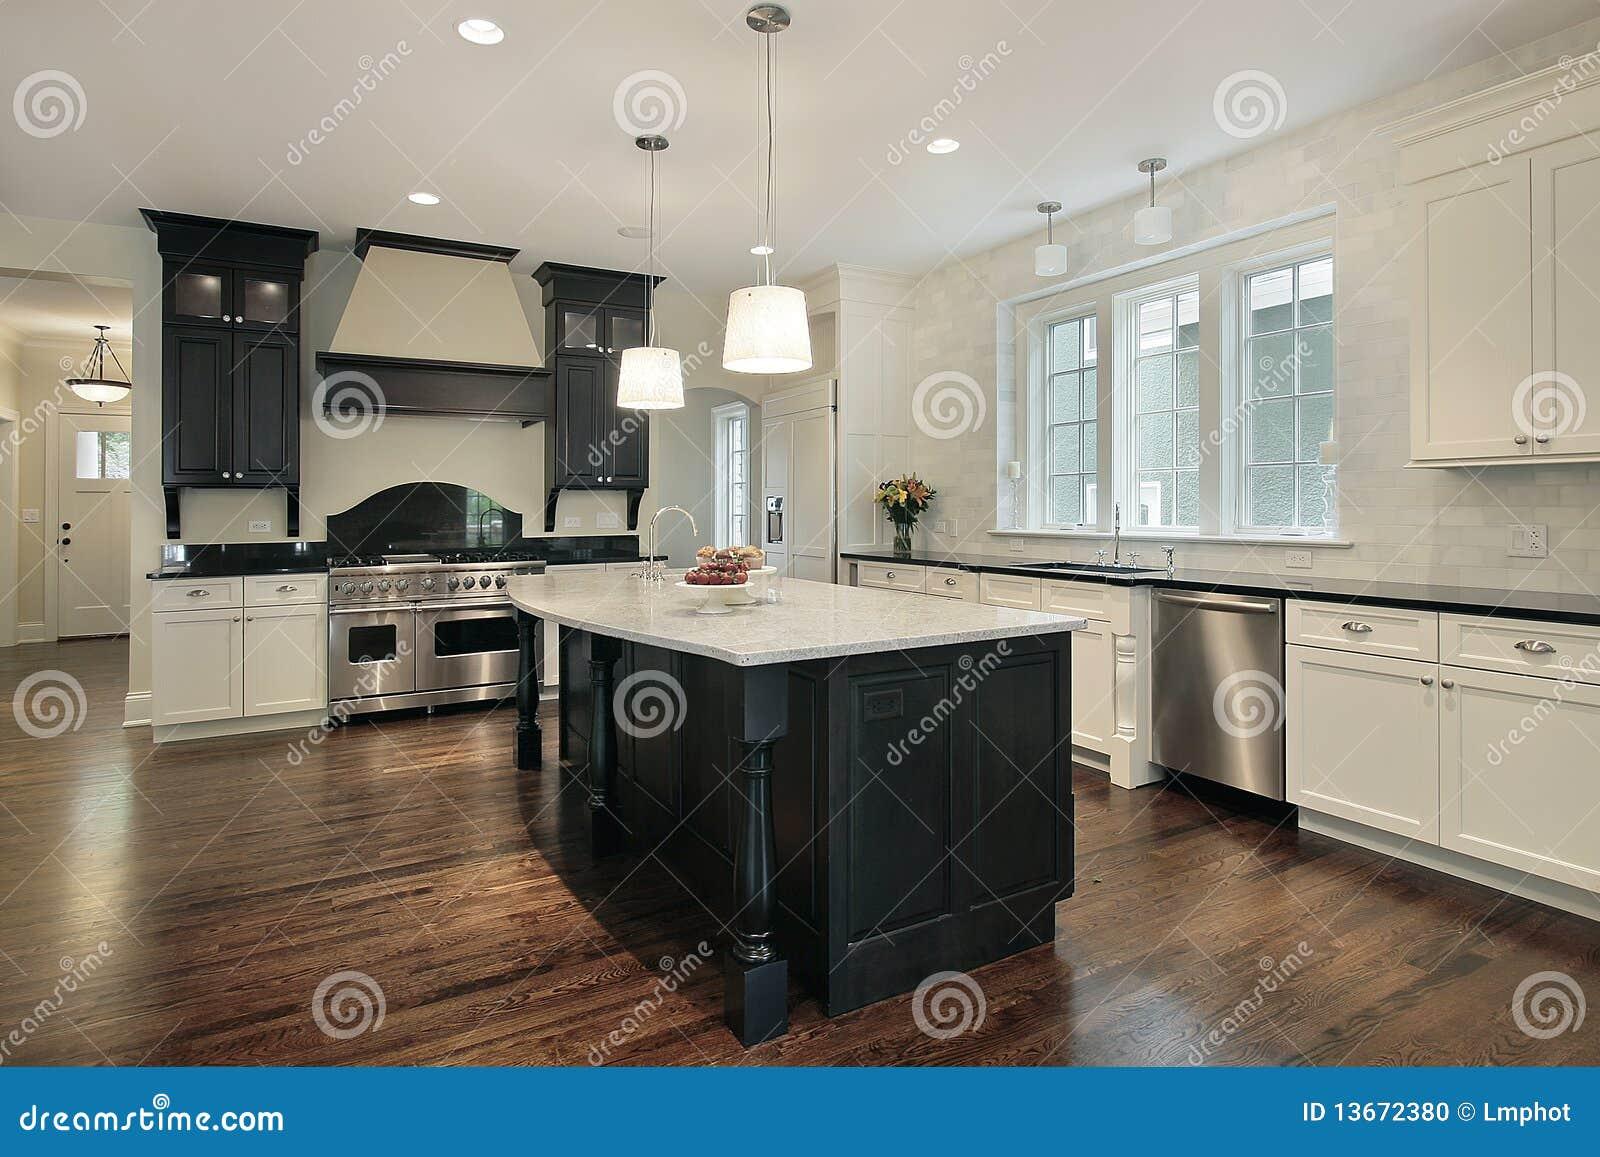 Keuken met groot eiland stock foto afbeelding 13672380 - Eiland maaltijd ...